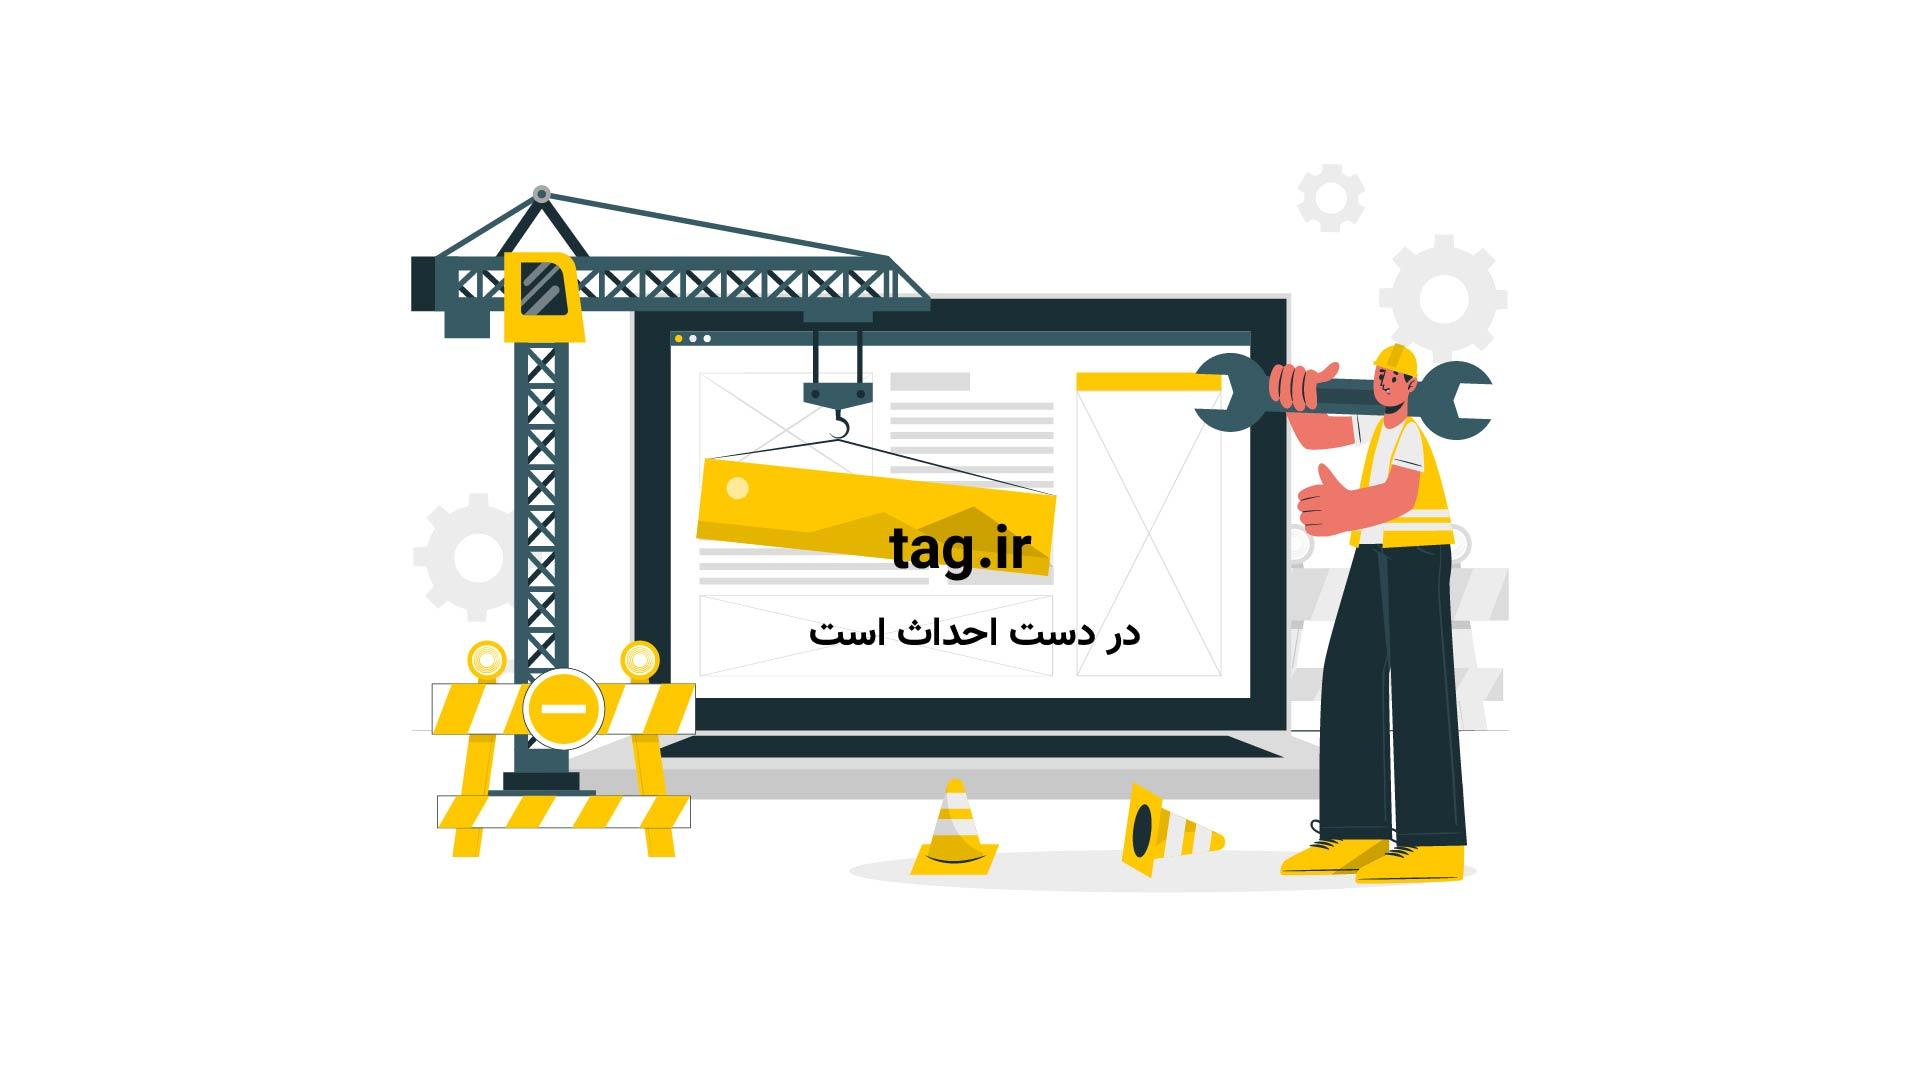 دعای روز بیستم ماه مبارک رمضان به همراه متن و ترجمه | فیلم